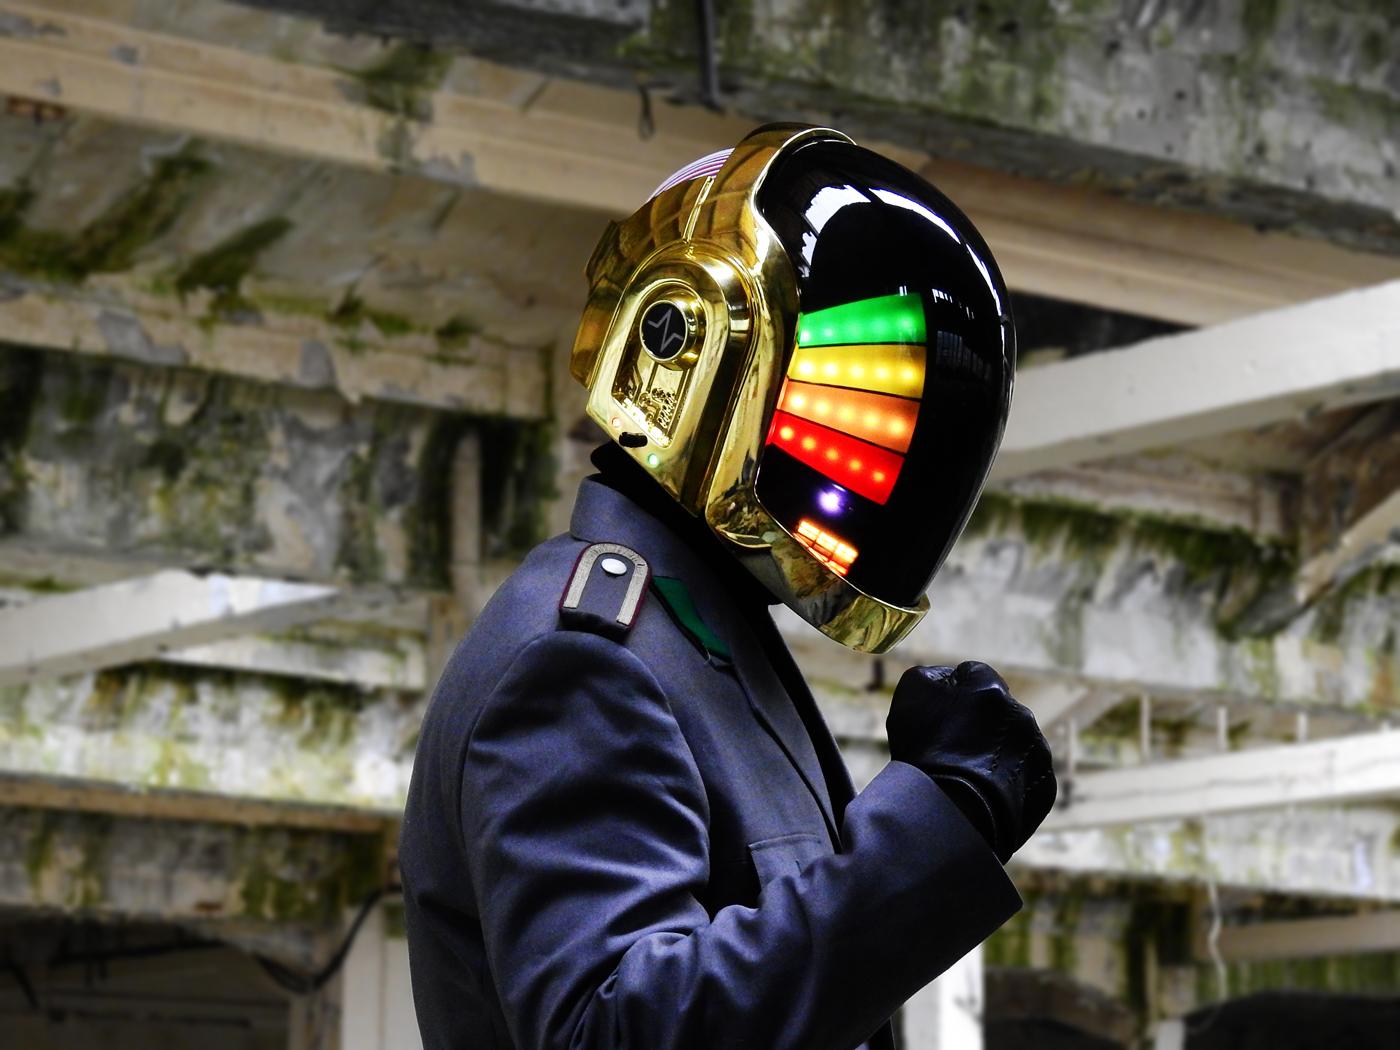 L'elmetto dei Daft Punk fai da te